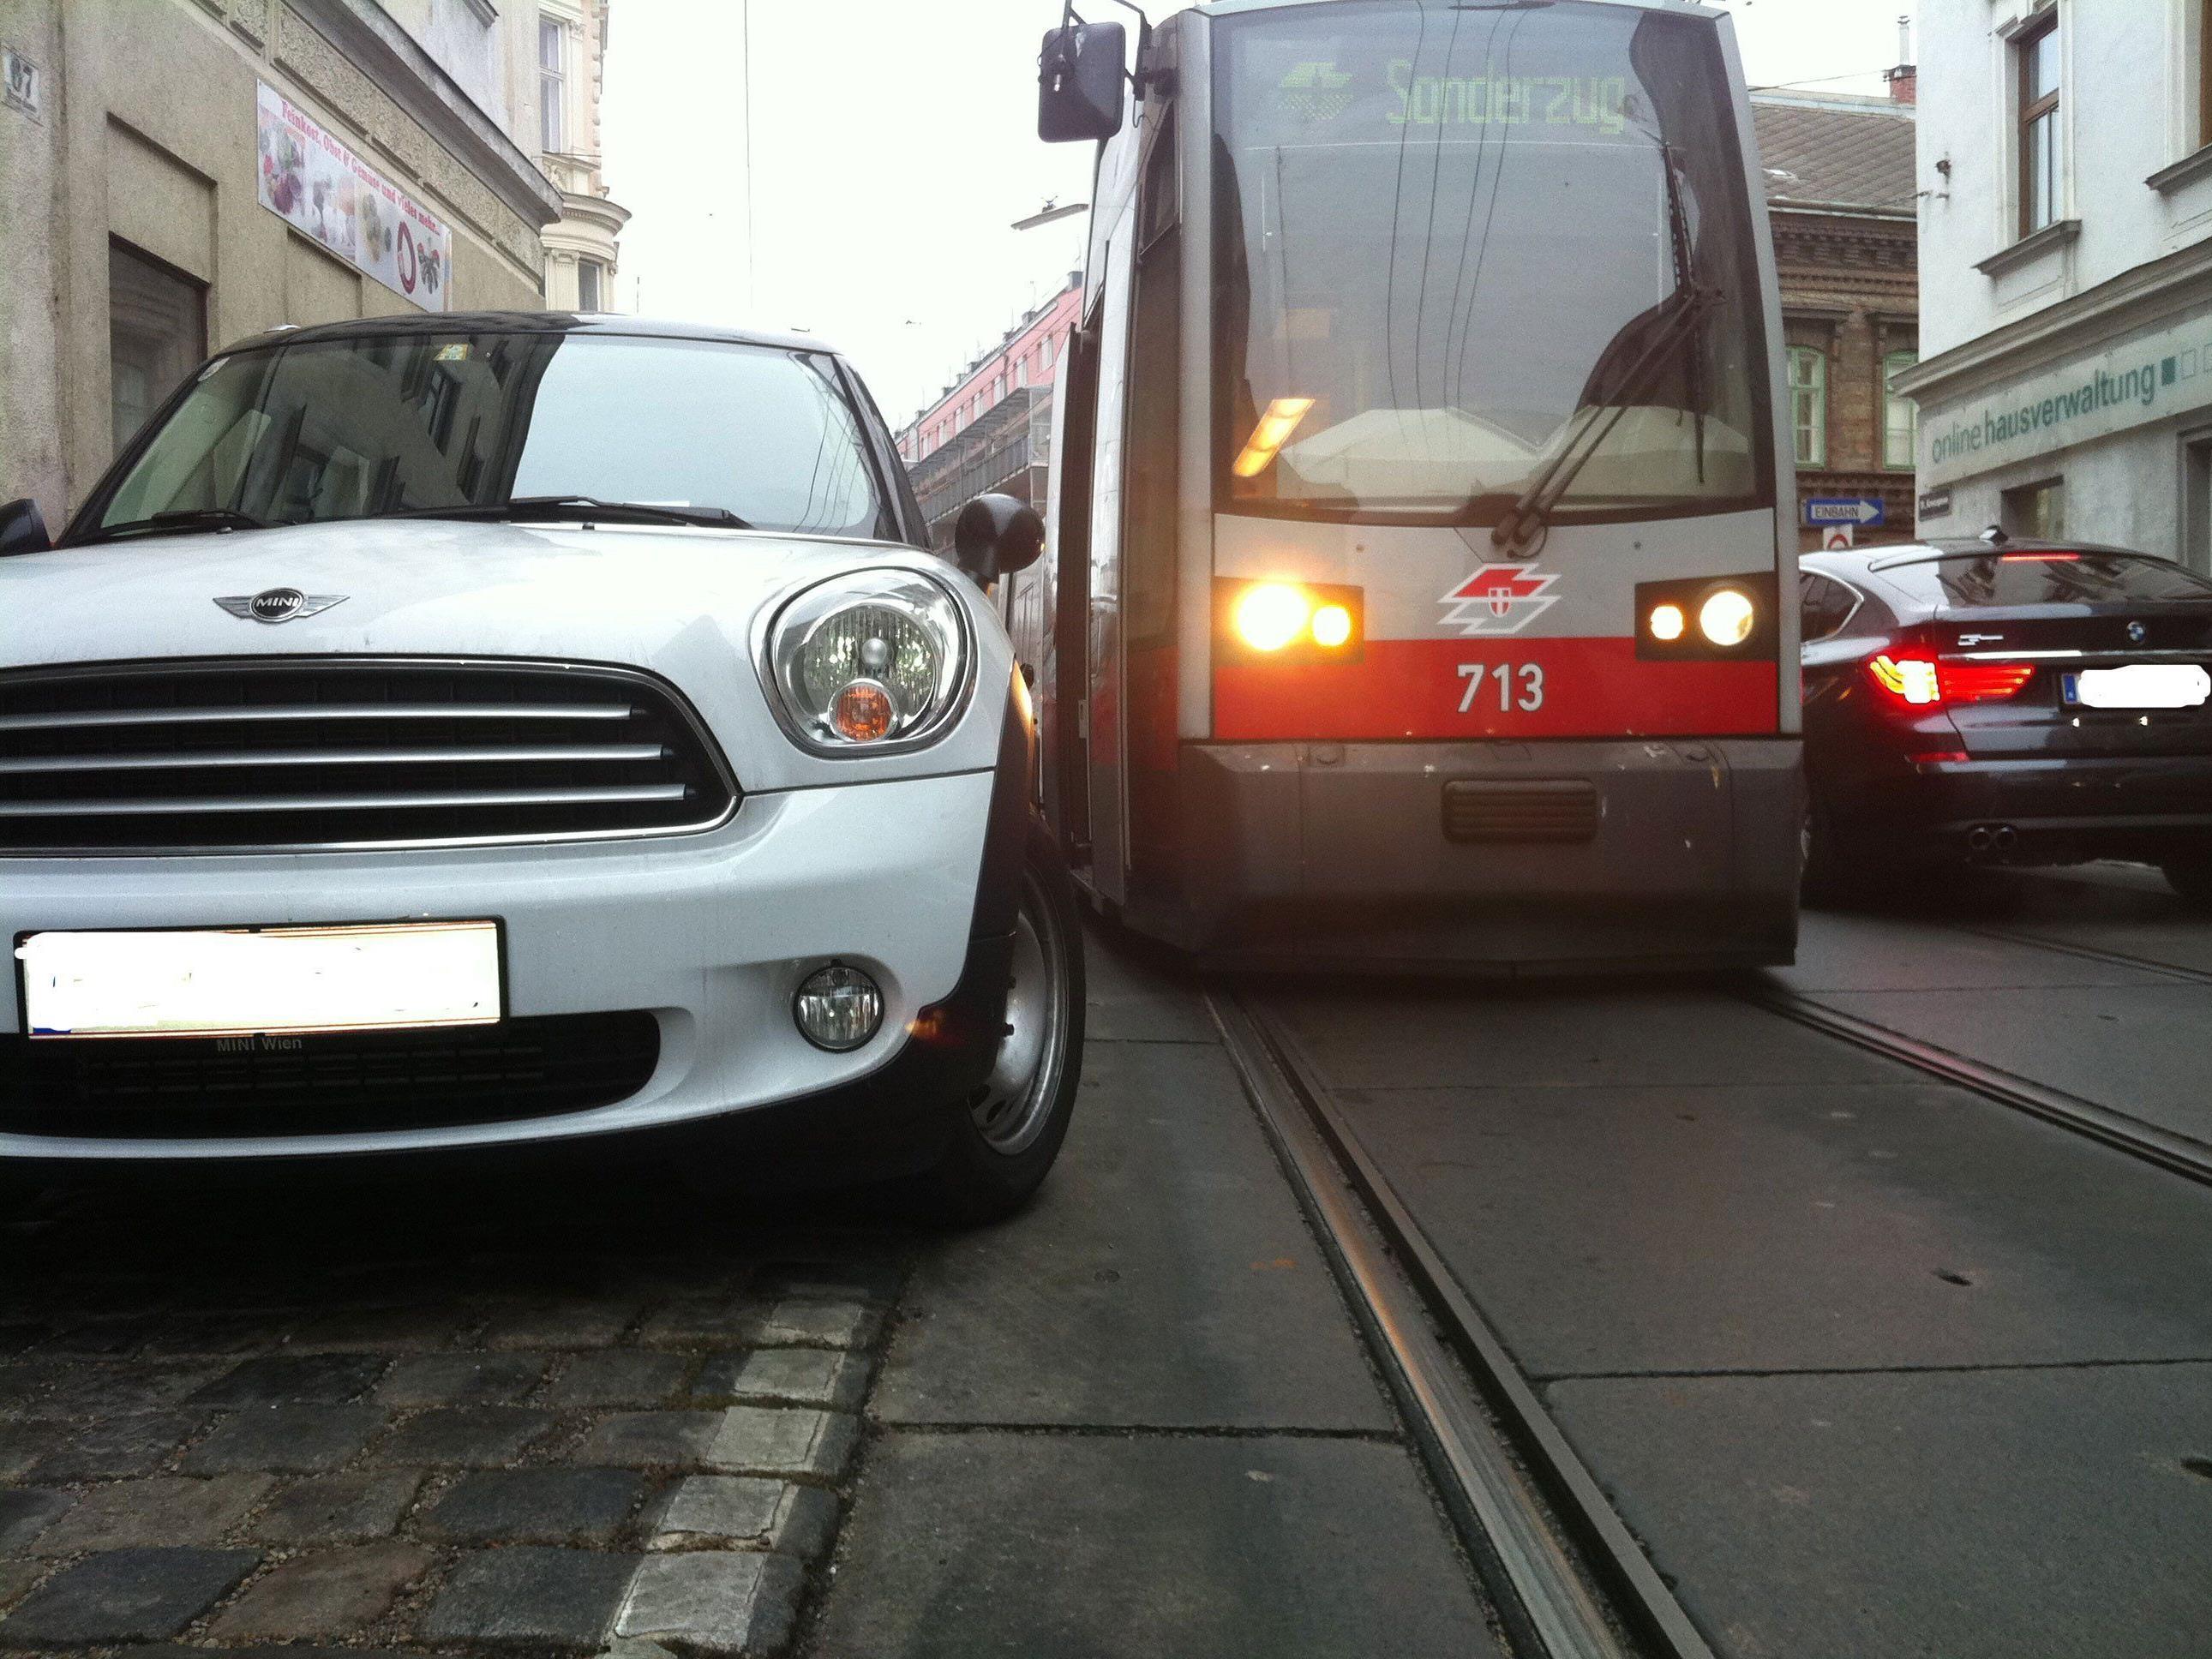 Wenige Zentimeter reichen: Ein Falschparker in der Kreuzgasse hindert eine Straßenbahn an der Weiterfahrt